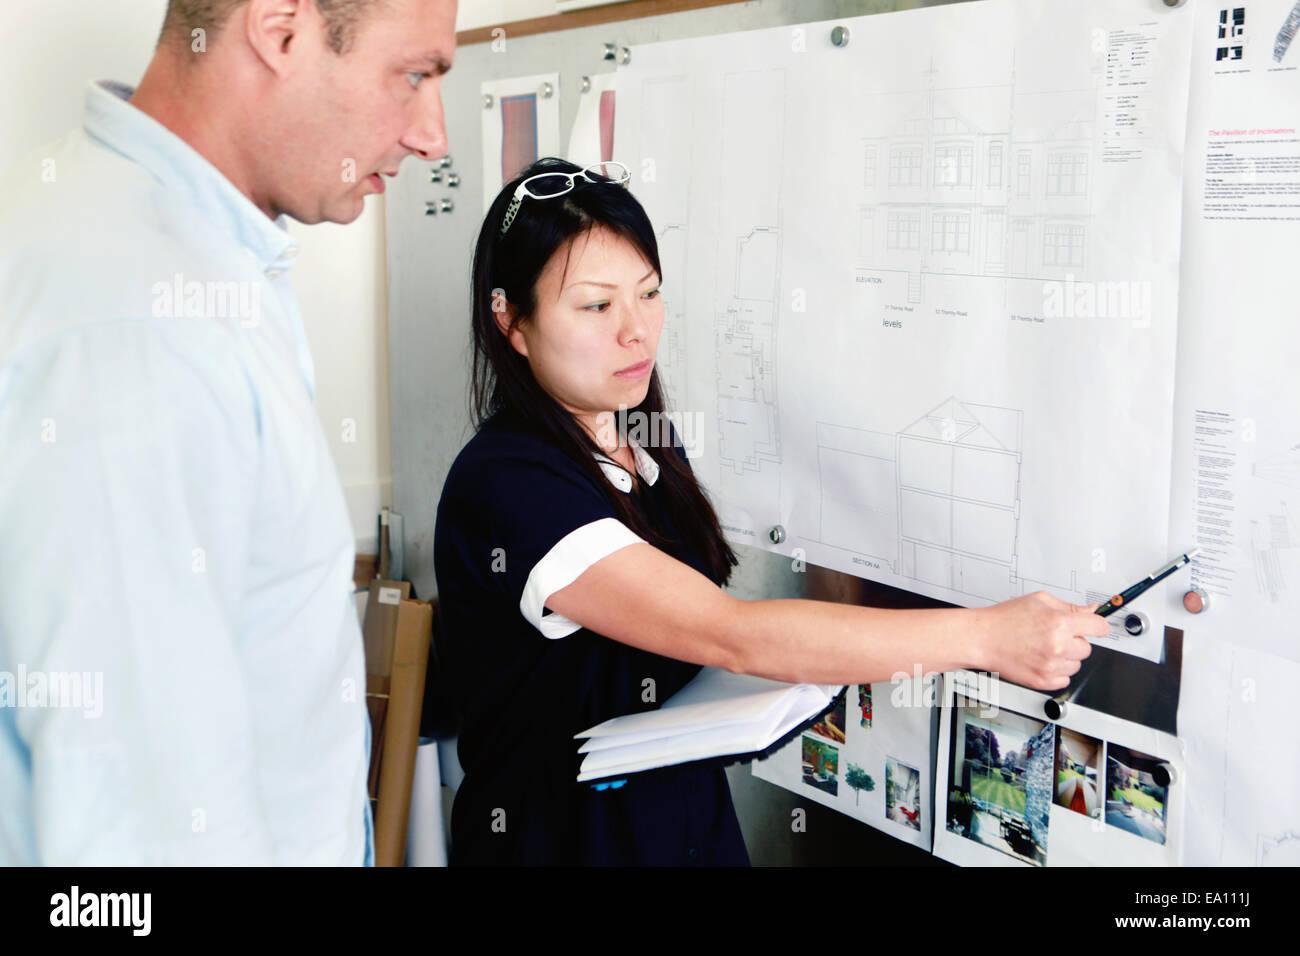 Hommes et femmes architectes bureau discuter des idées de Photo Stock